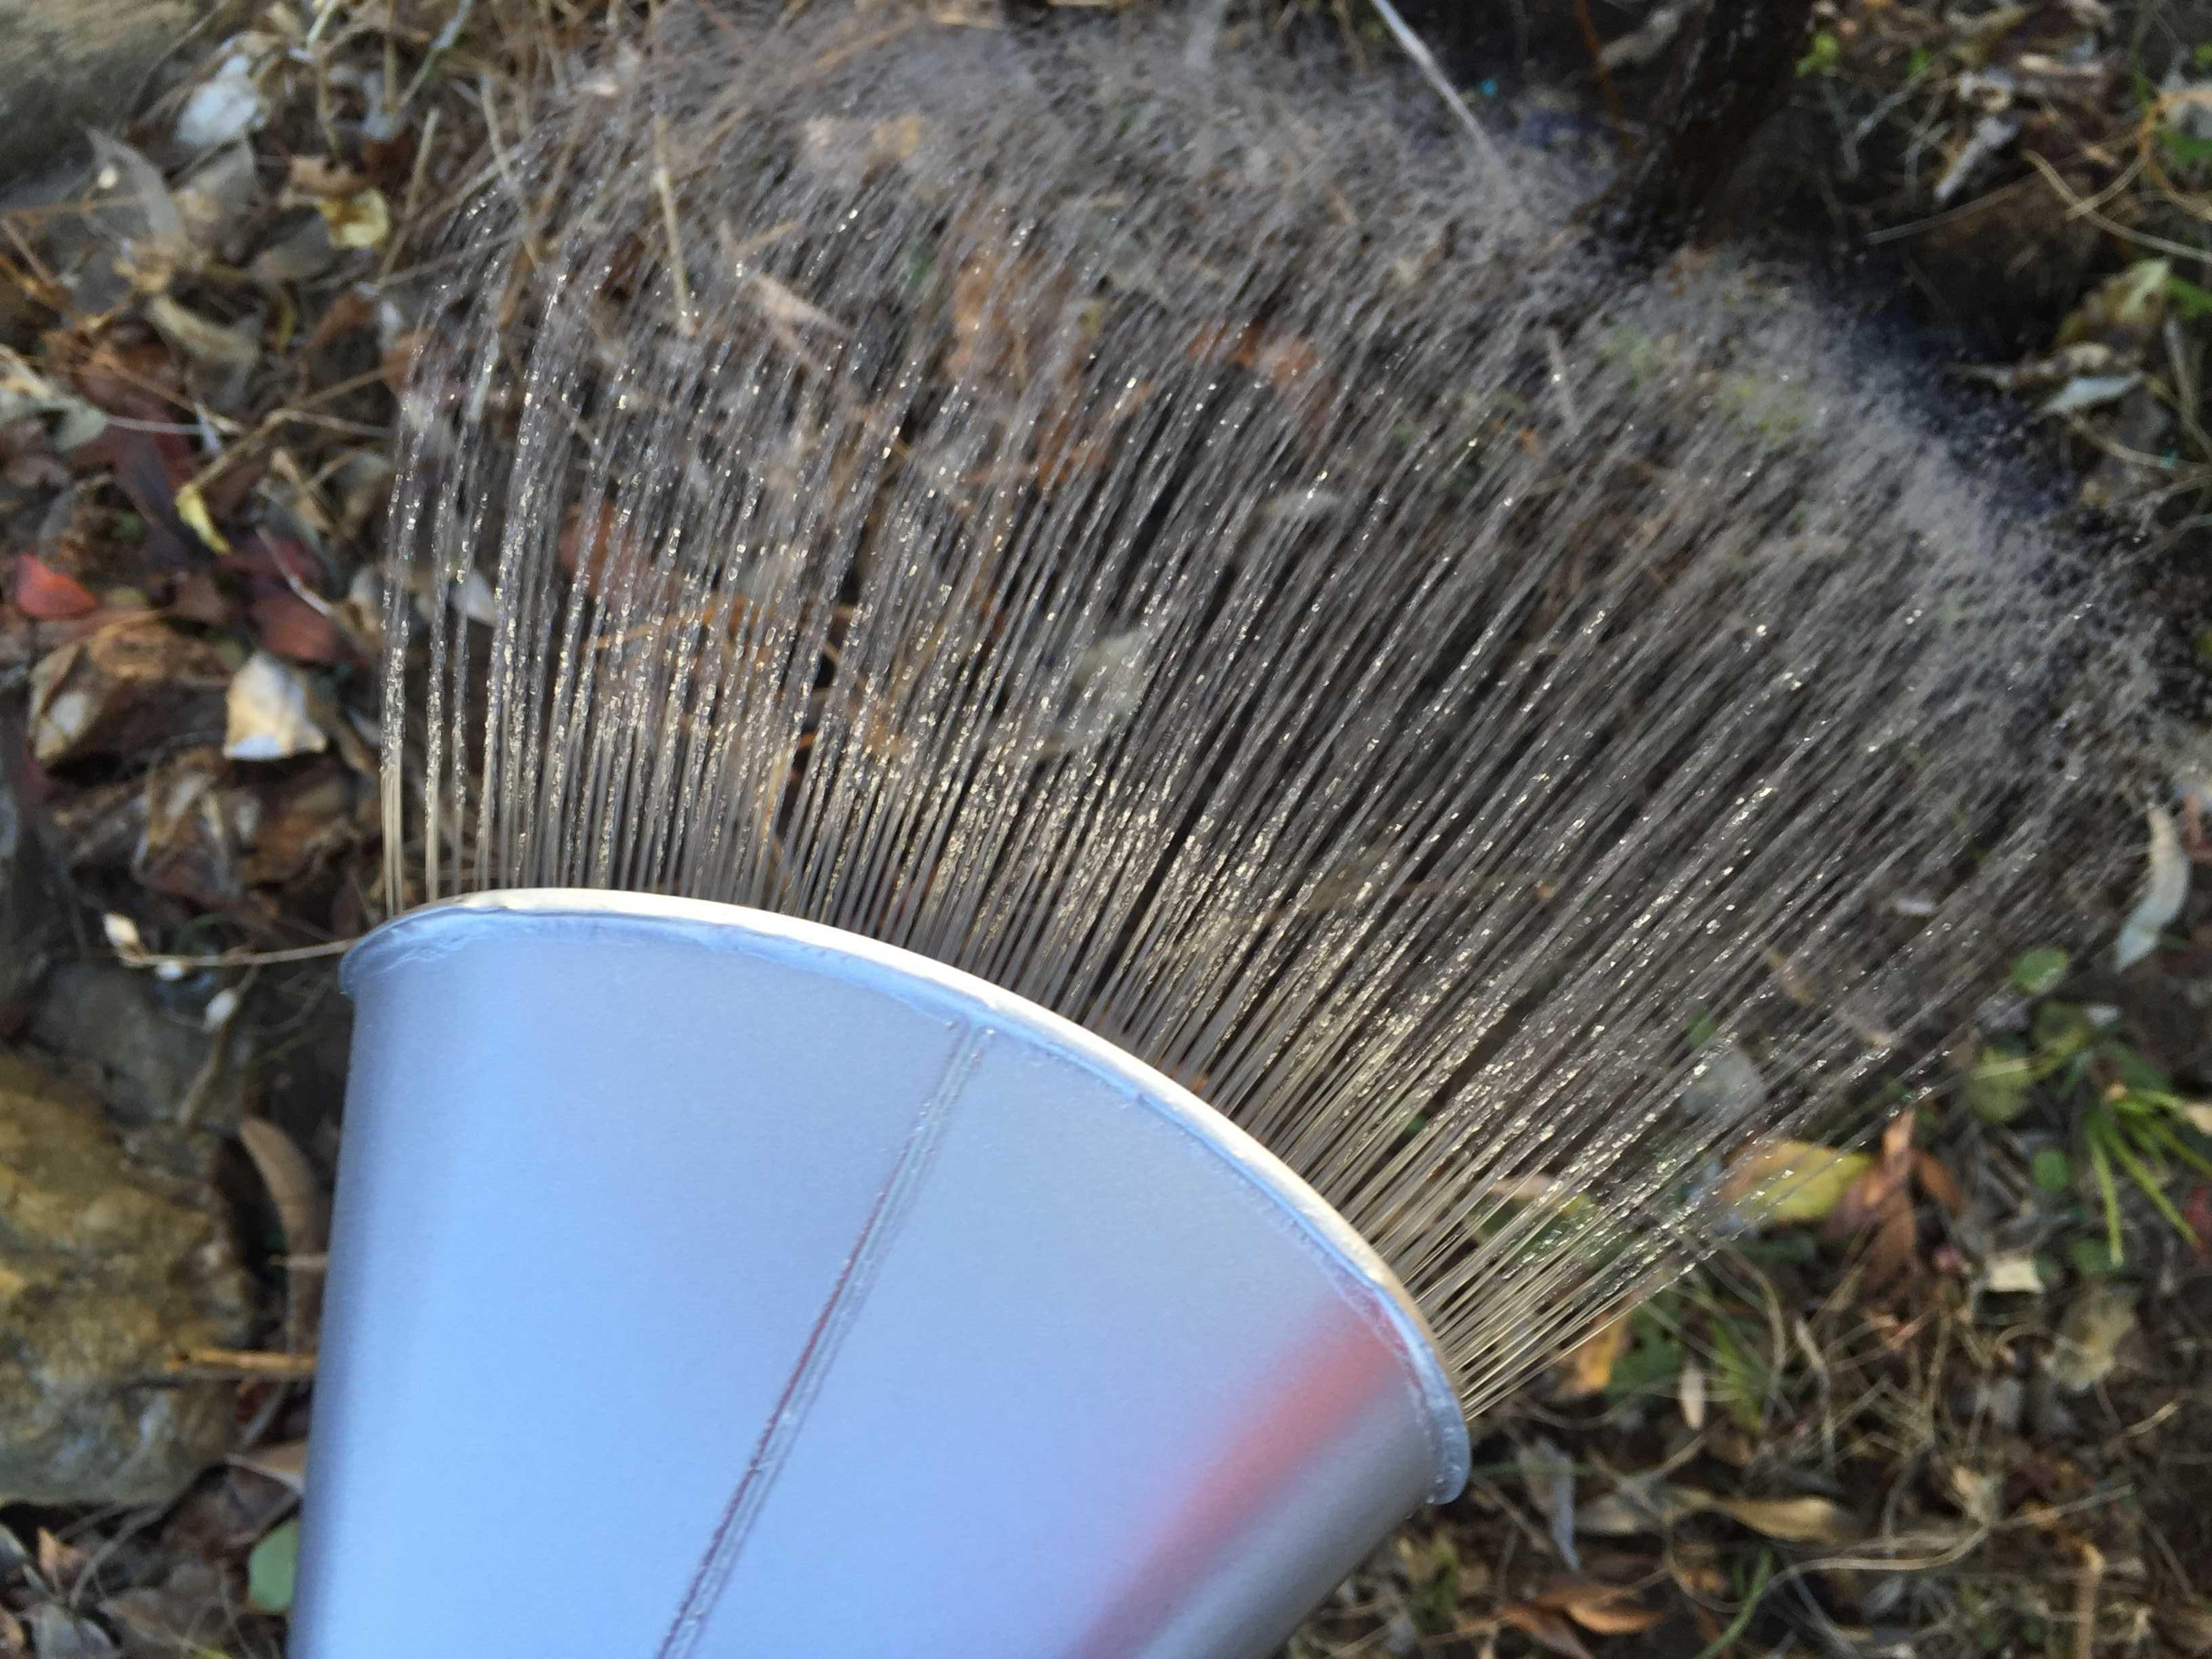 萬年 高級園芸ジョーロ 10L(尾上製作所)の小判形のハス口から出るやわらかい水